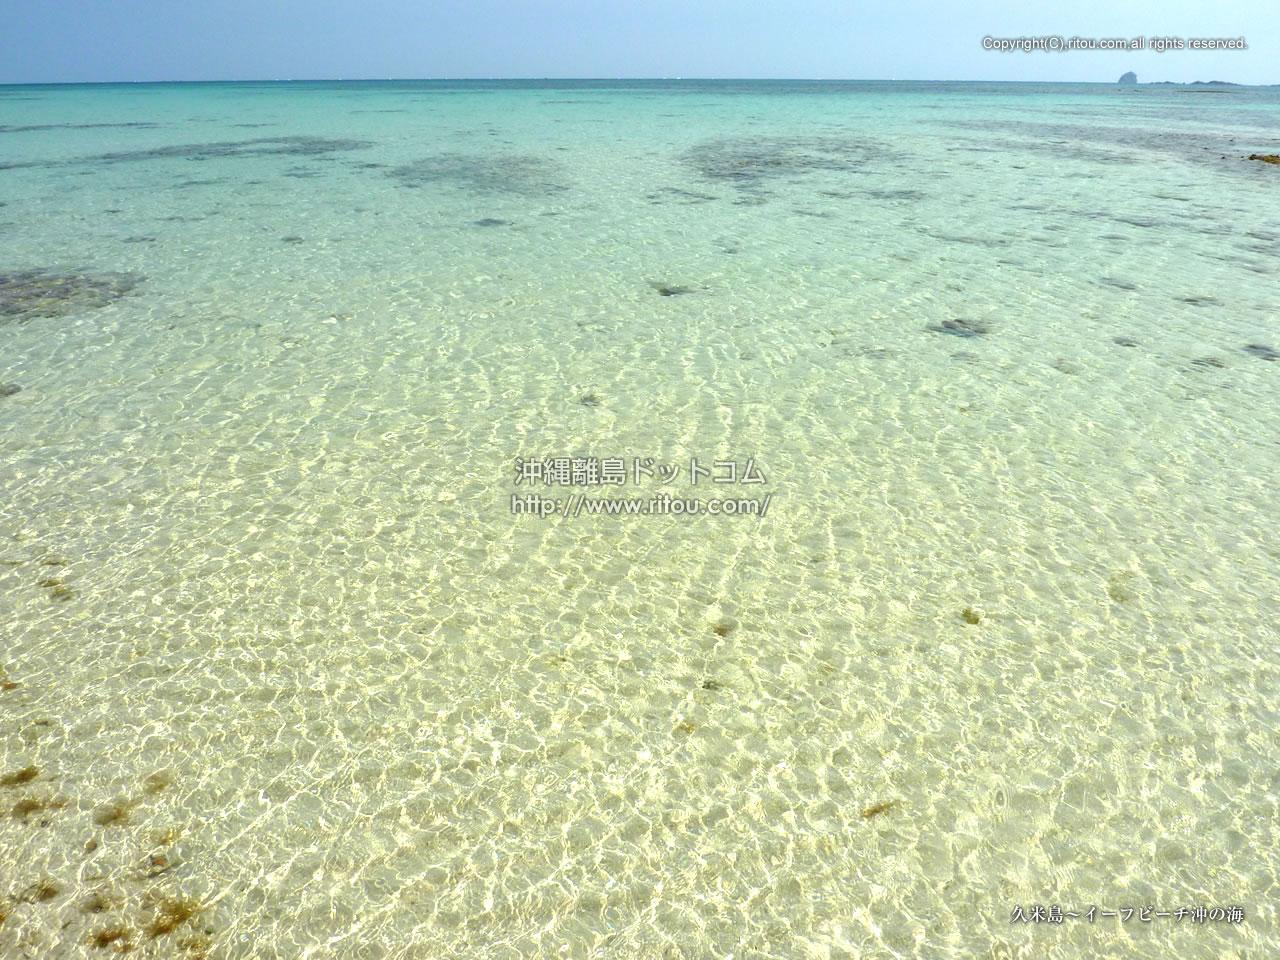 久米島〜イーフビーチ沖の海